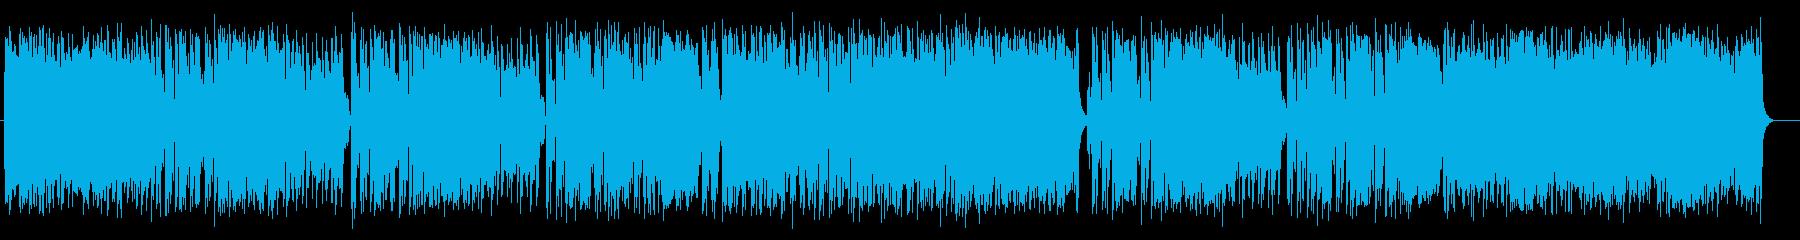 ミディアムテンポのポップスの再生済みの波形